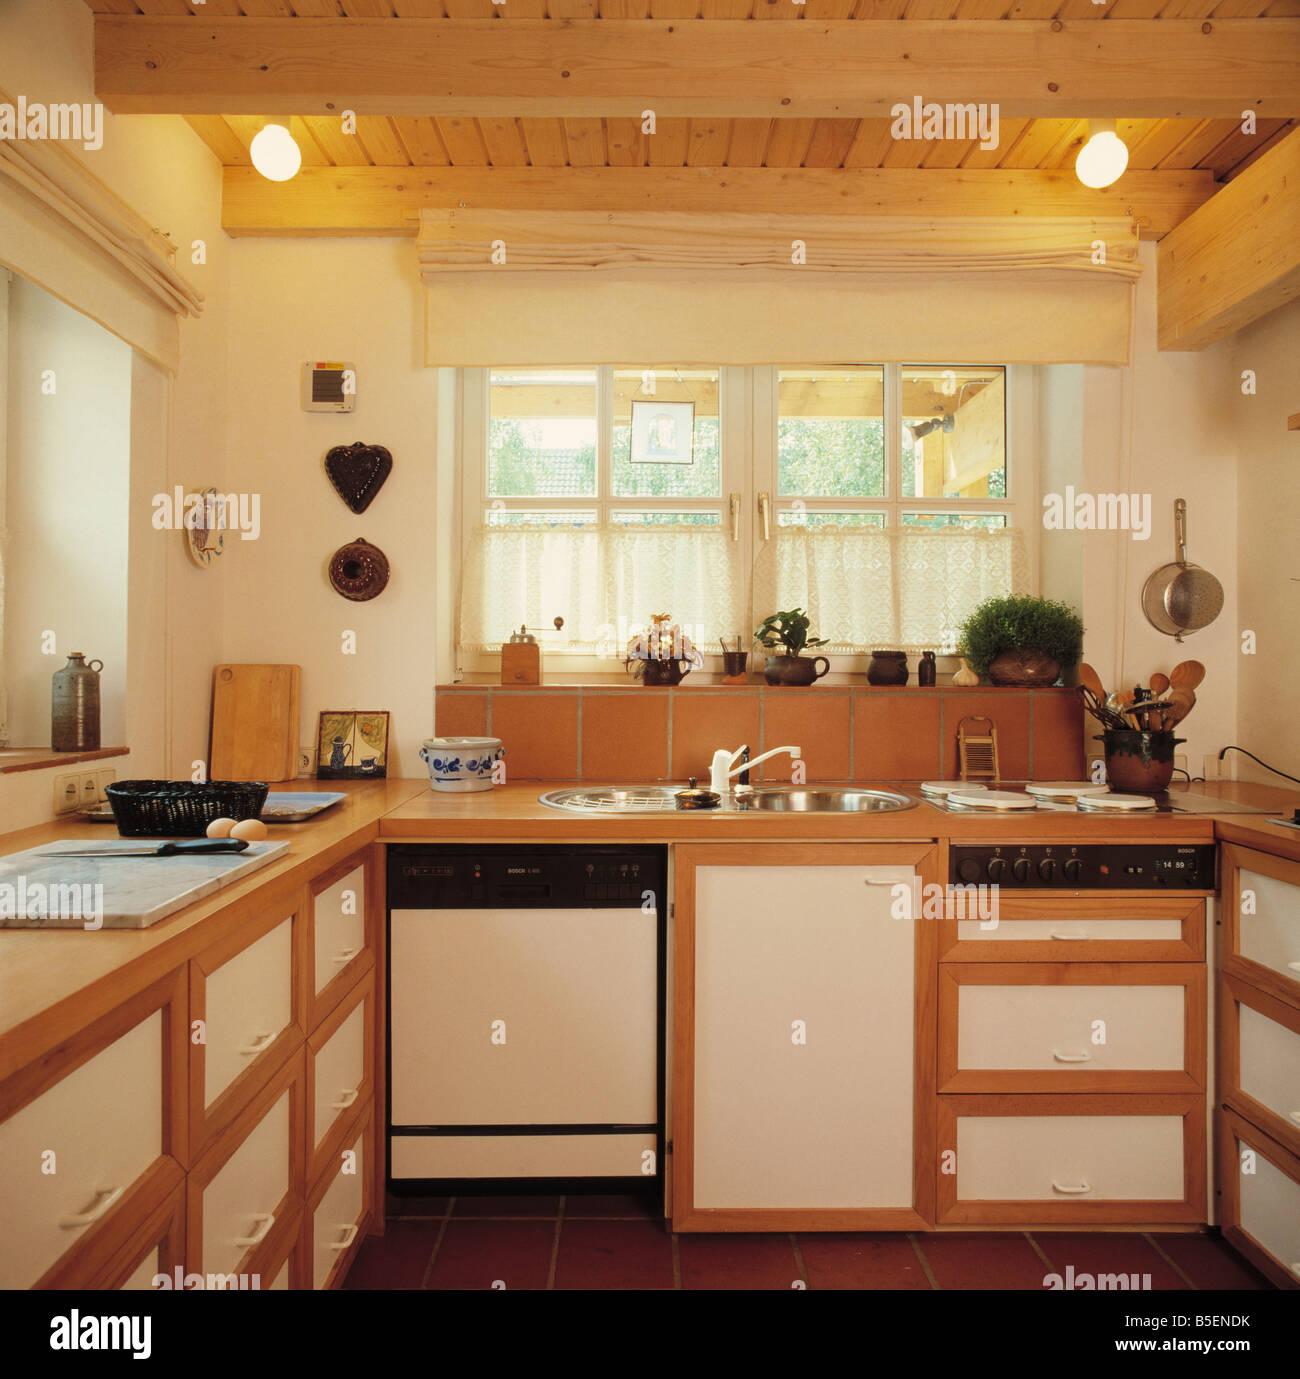 Beleuchtung auf Holzdecke in kleine Küche mit Spüle und ...